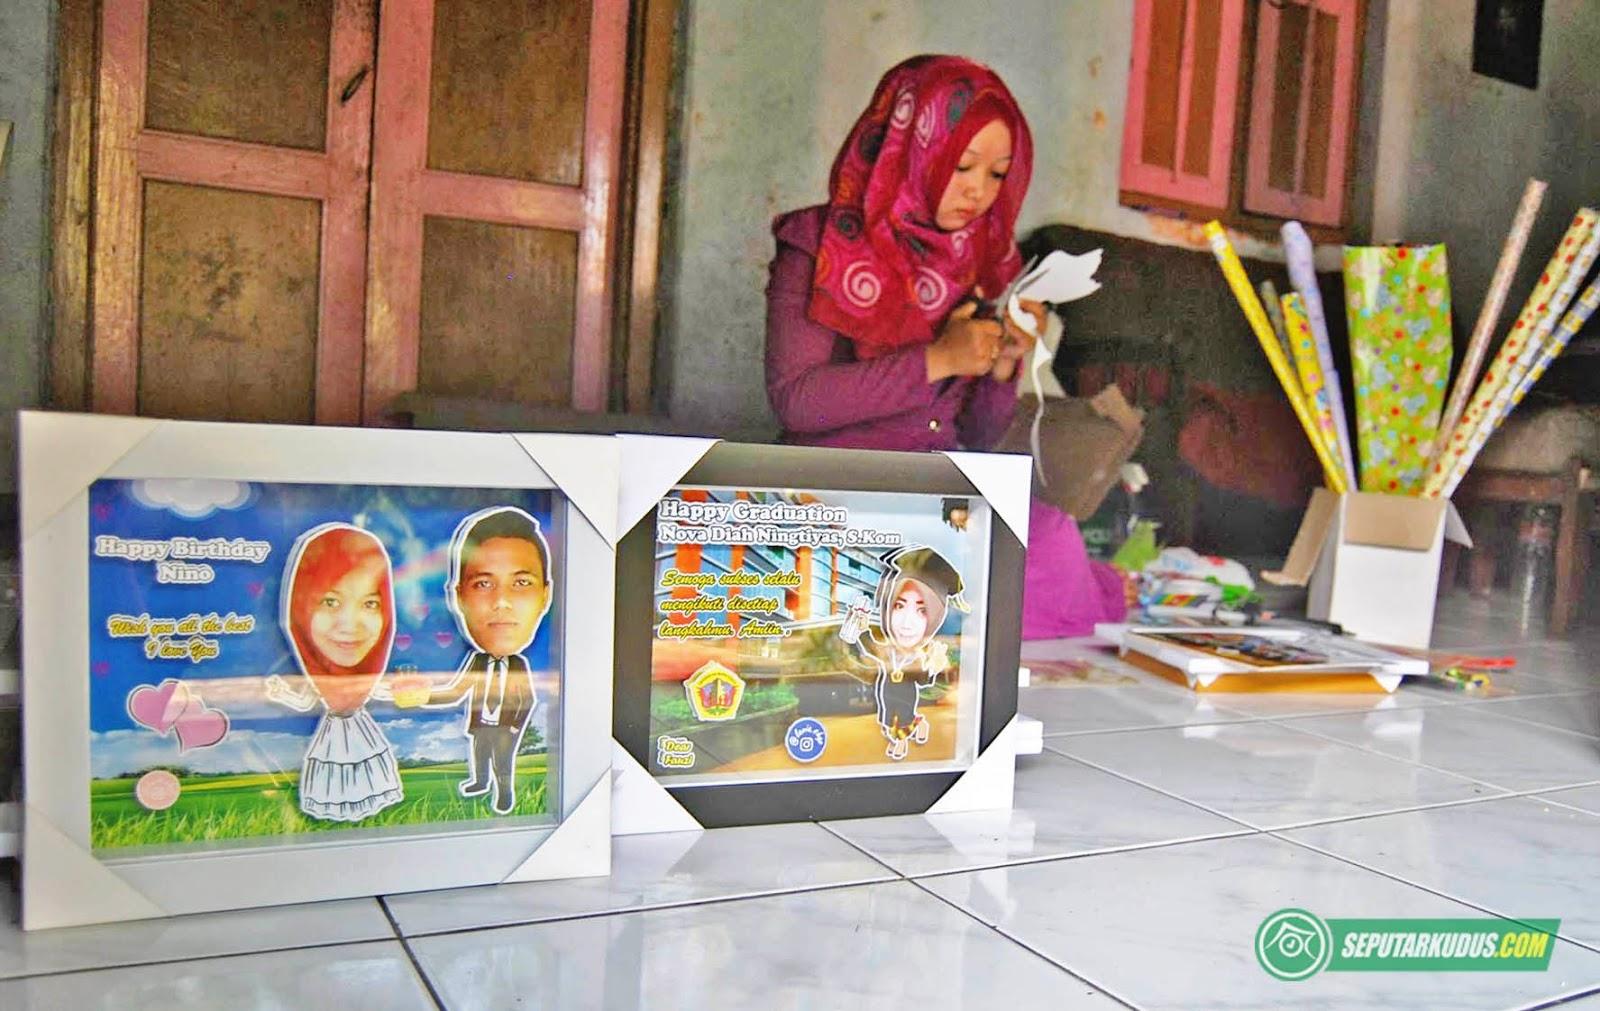 Saat Momen Wisuda Dan Pernikahan Karikatur Timbul Karya Pungky